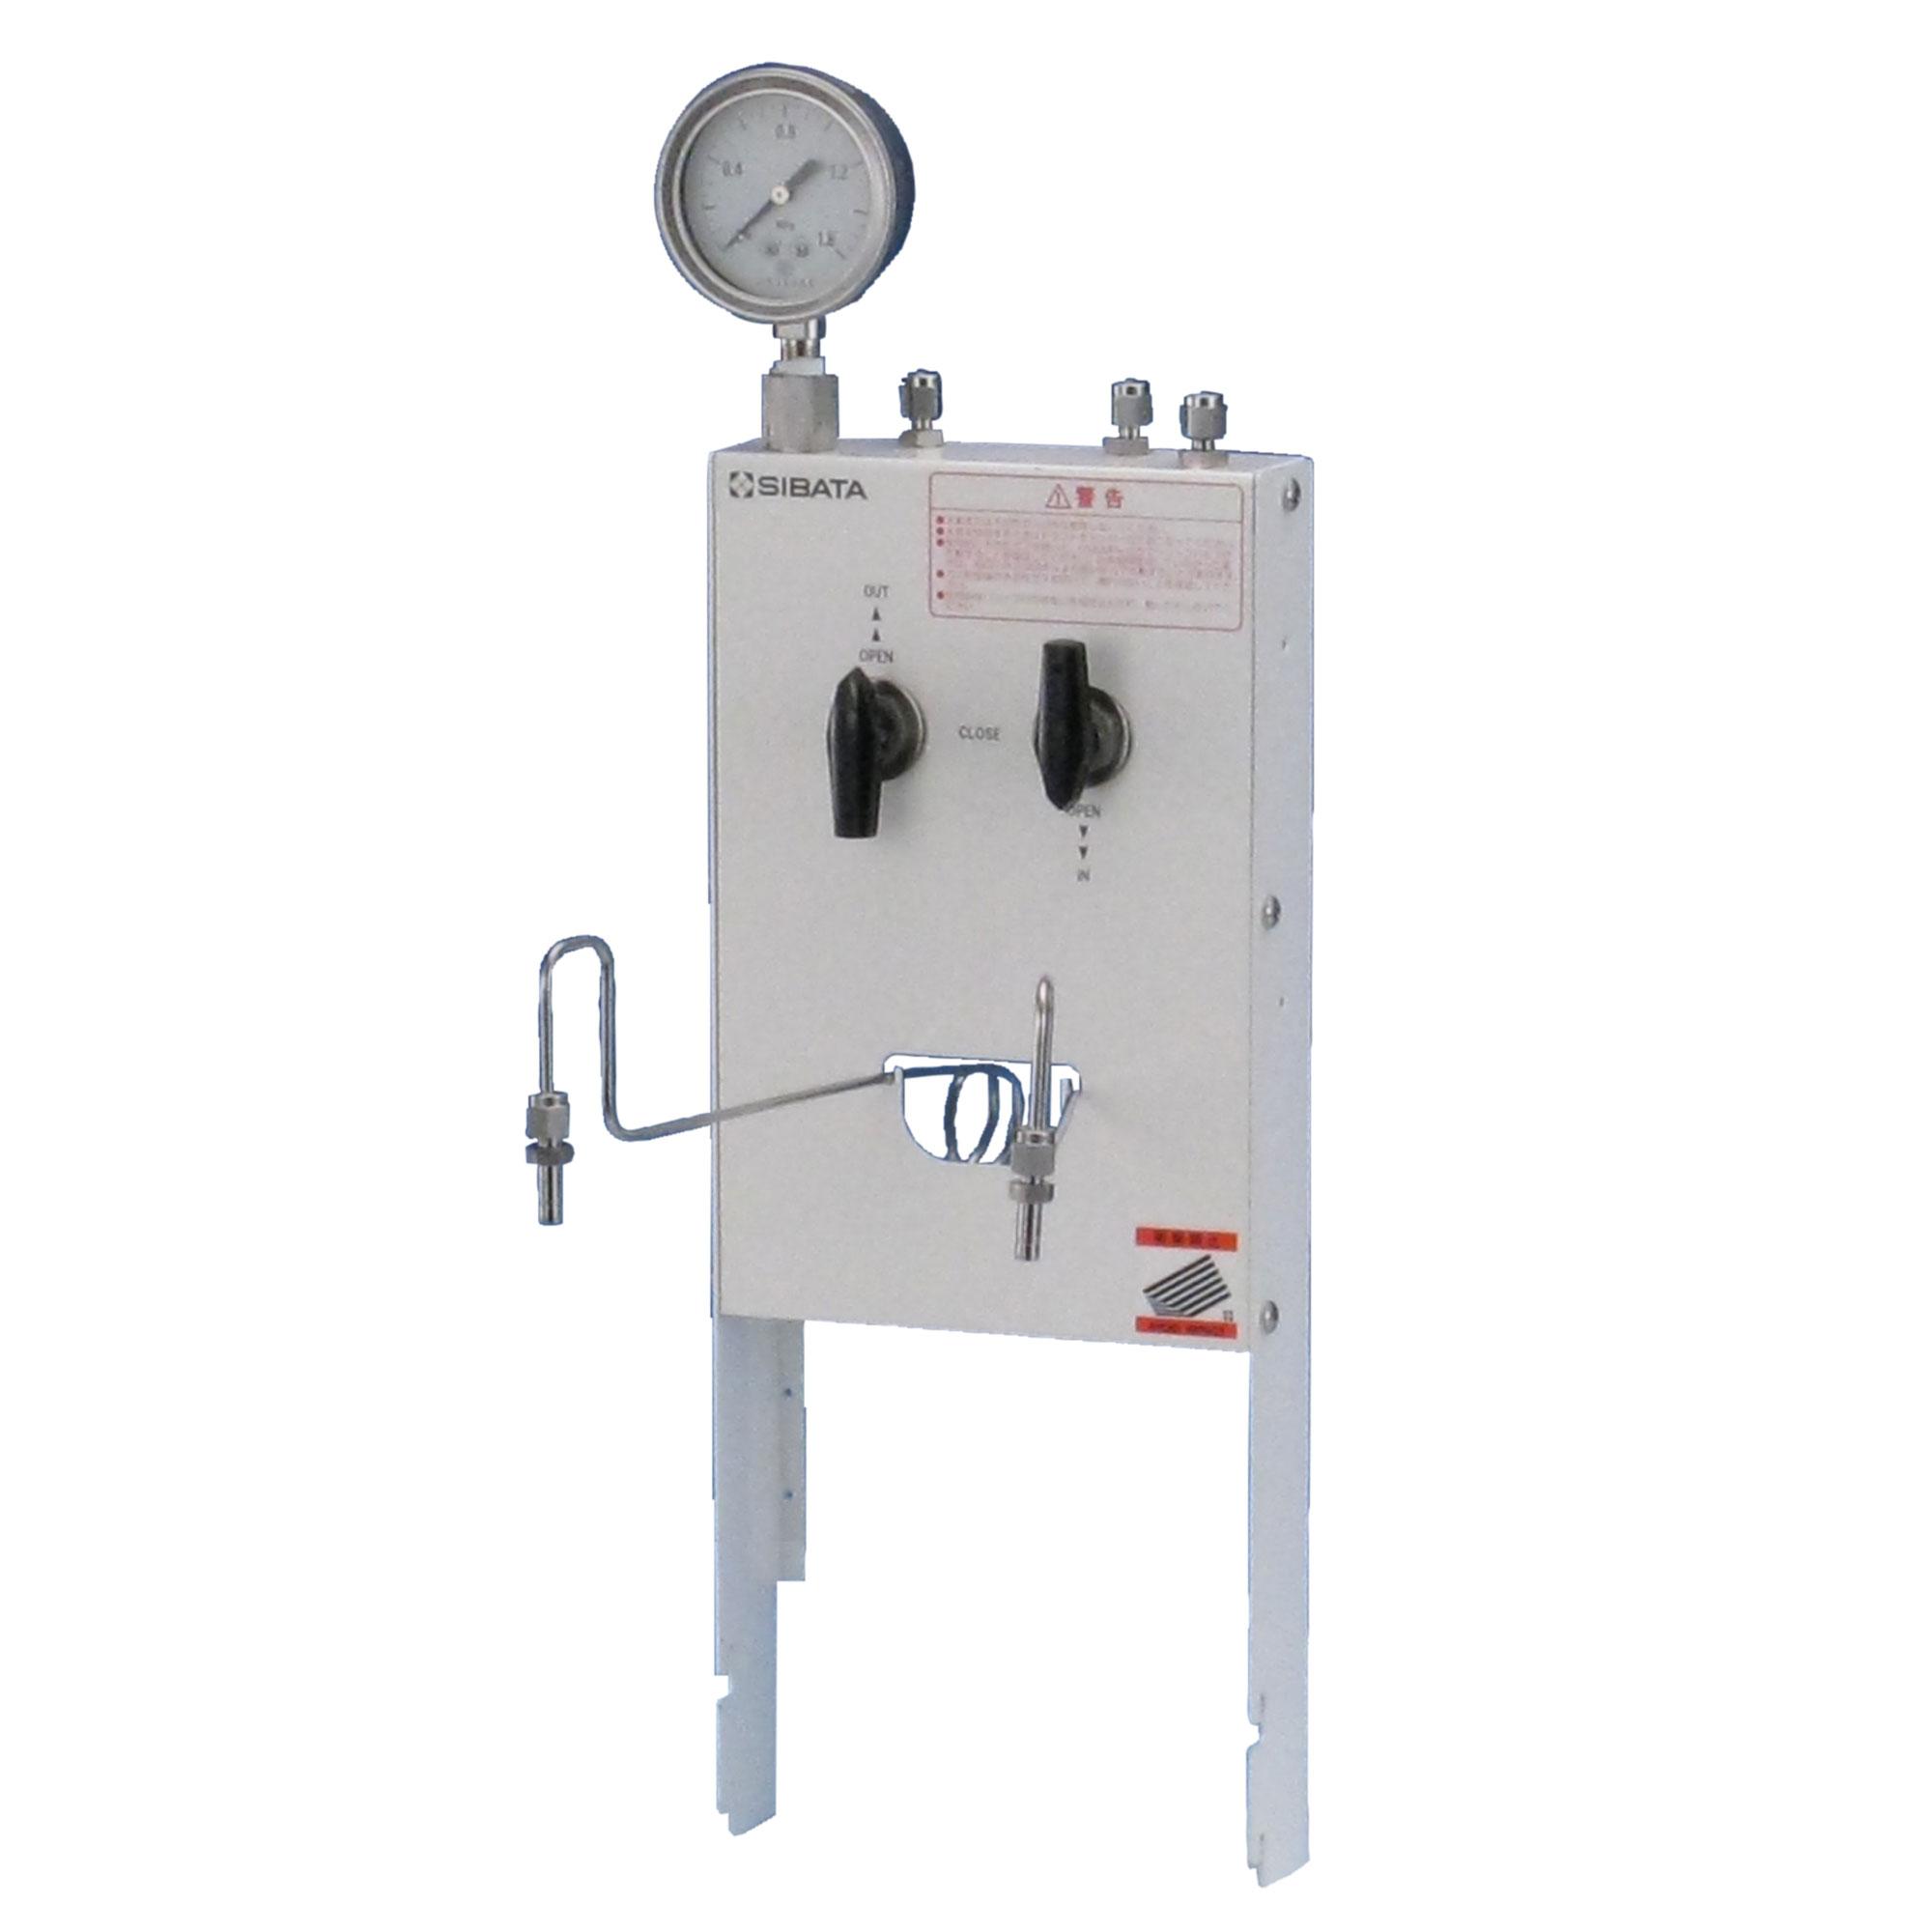 加压装置本体CP - 300用|柴田科技有限公司-环境检测设备、科学仪器的制造销售